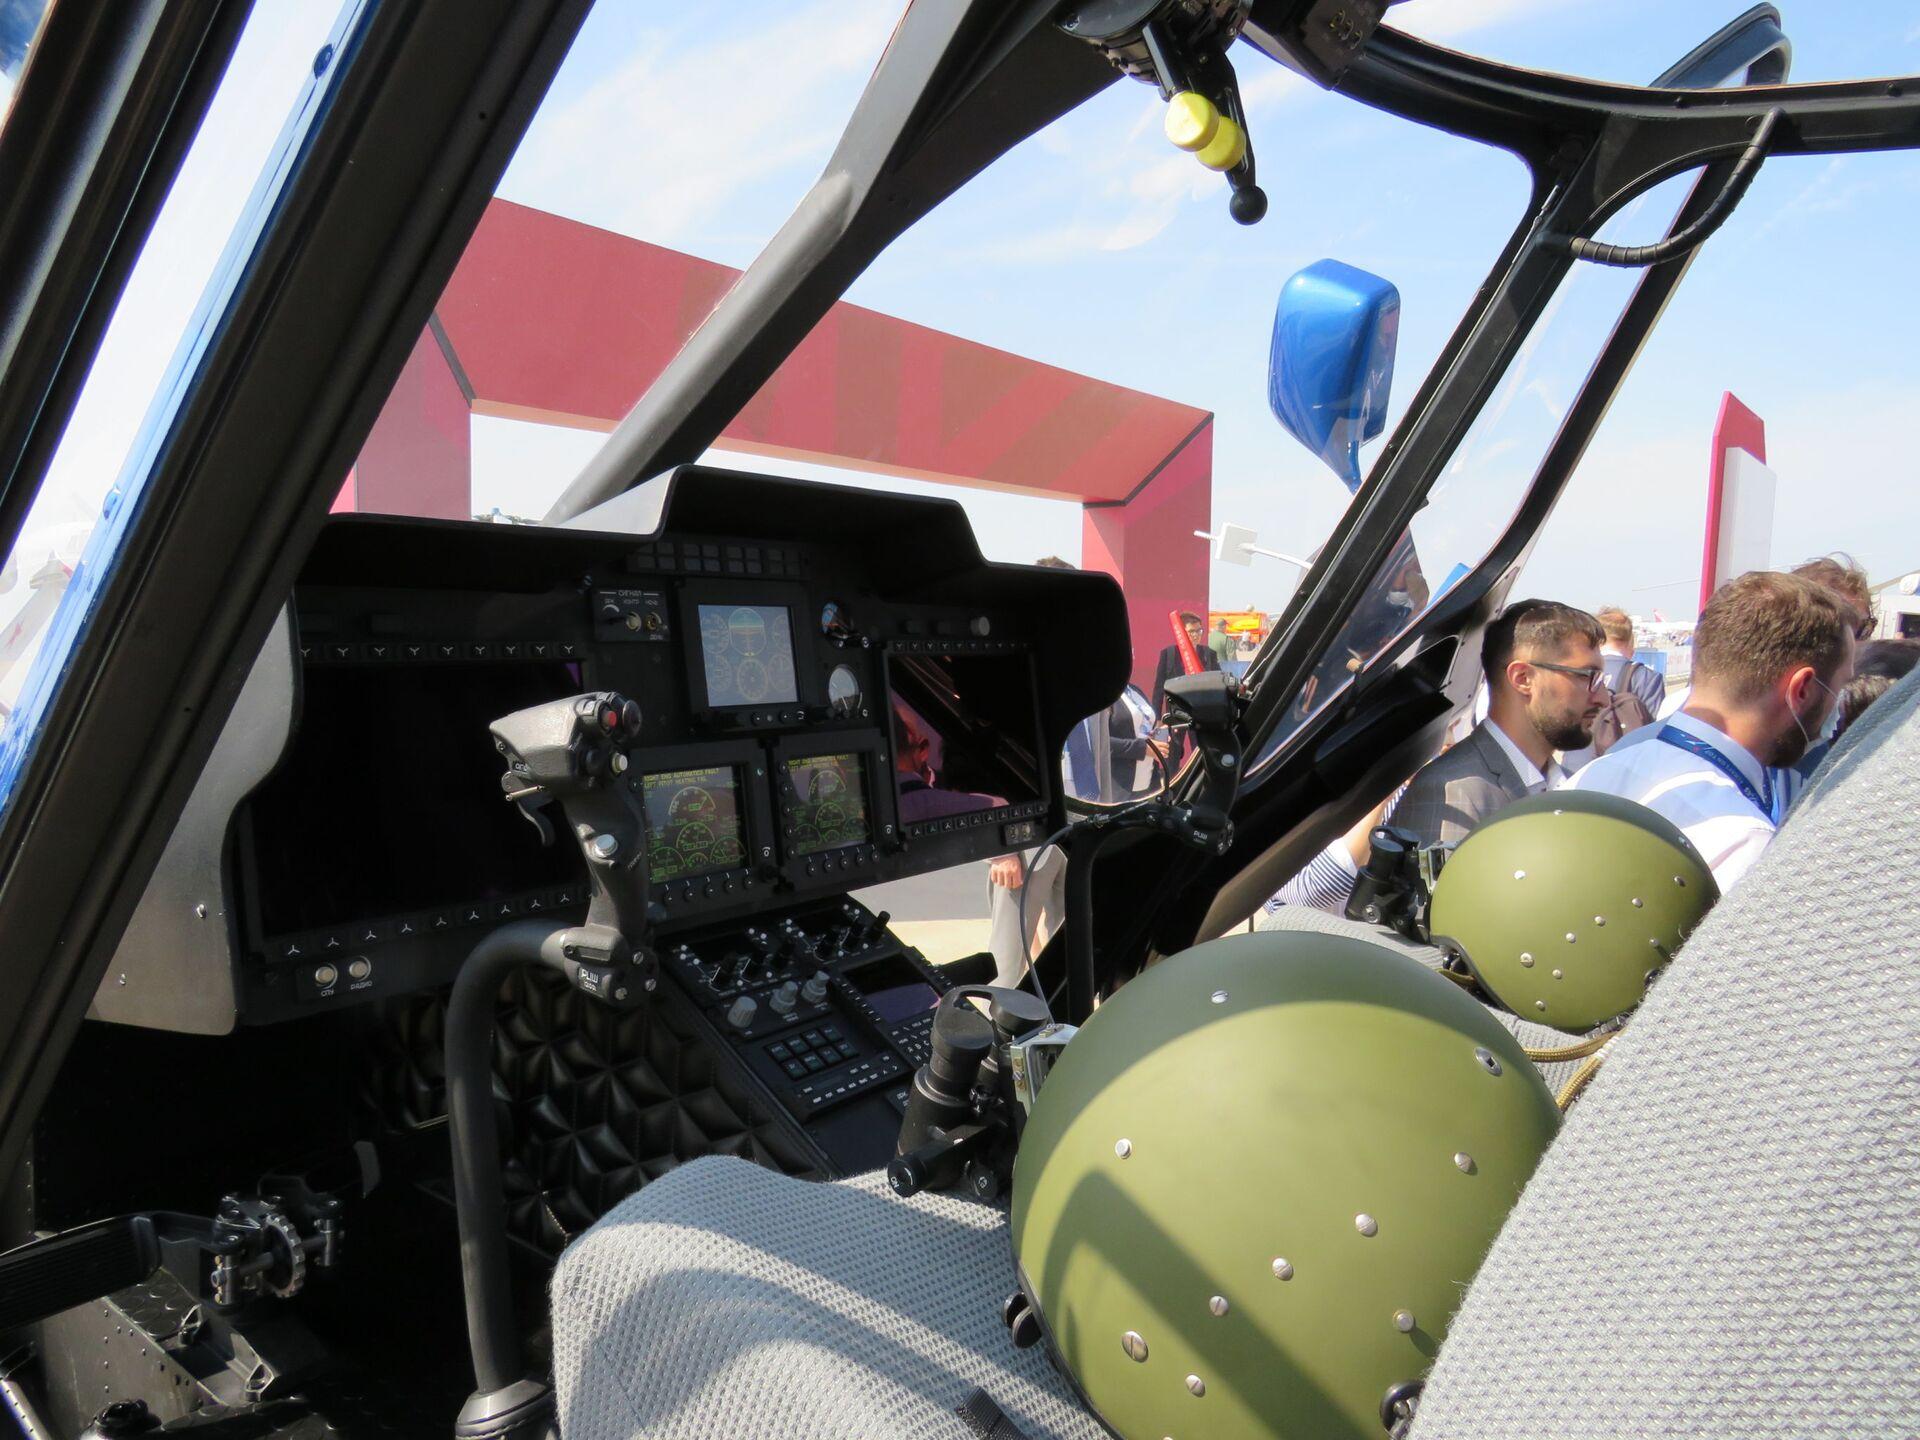 Trực thăng đa năng Ka-226T - một trong những sản phẩm được ra mắt tại MAKS-2021 - Sputnik Việt Nam, 1920, 21.07.2021